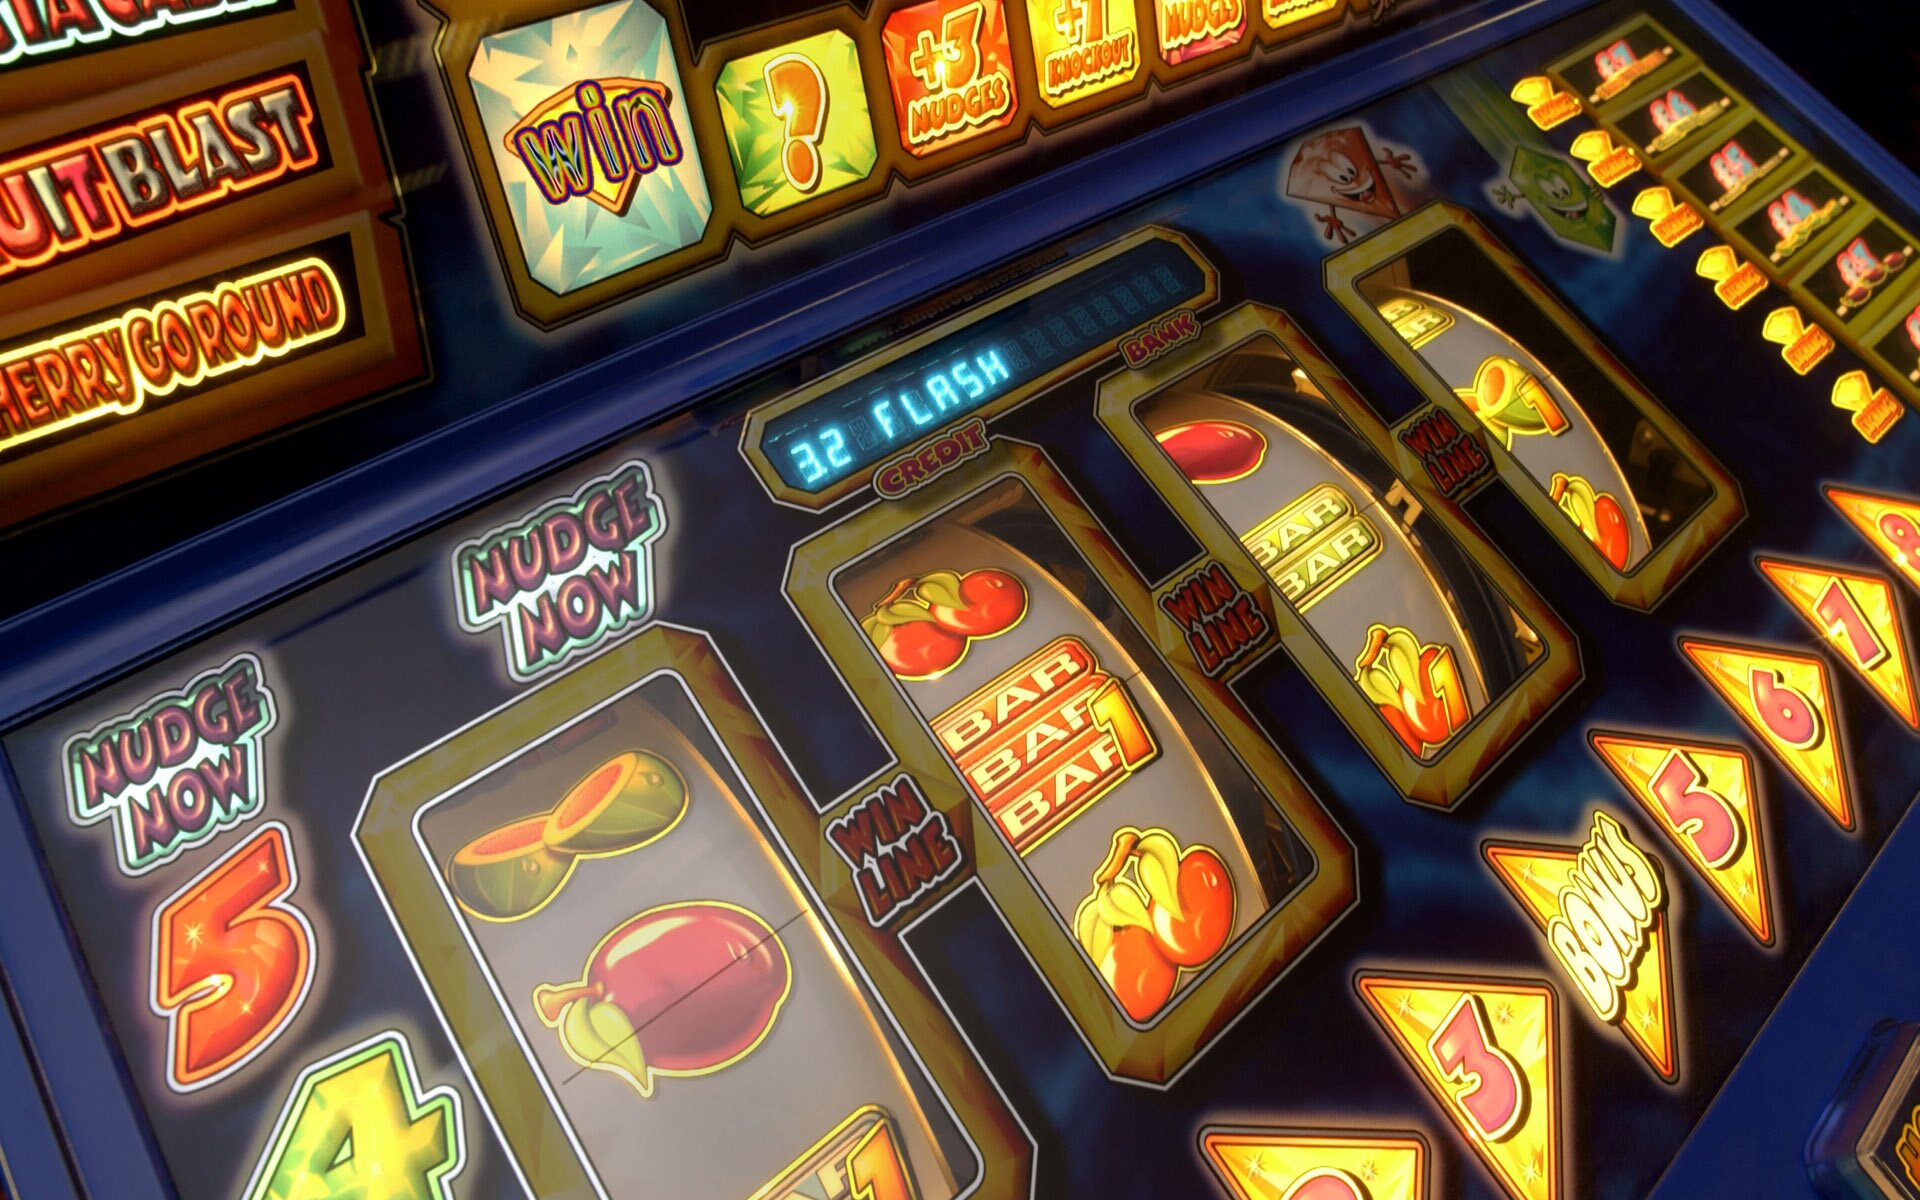 Игровые аппараты флэш азартные игры игать бесплатно онлайн